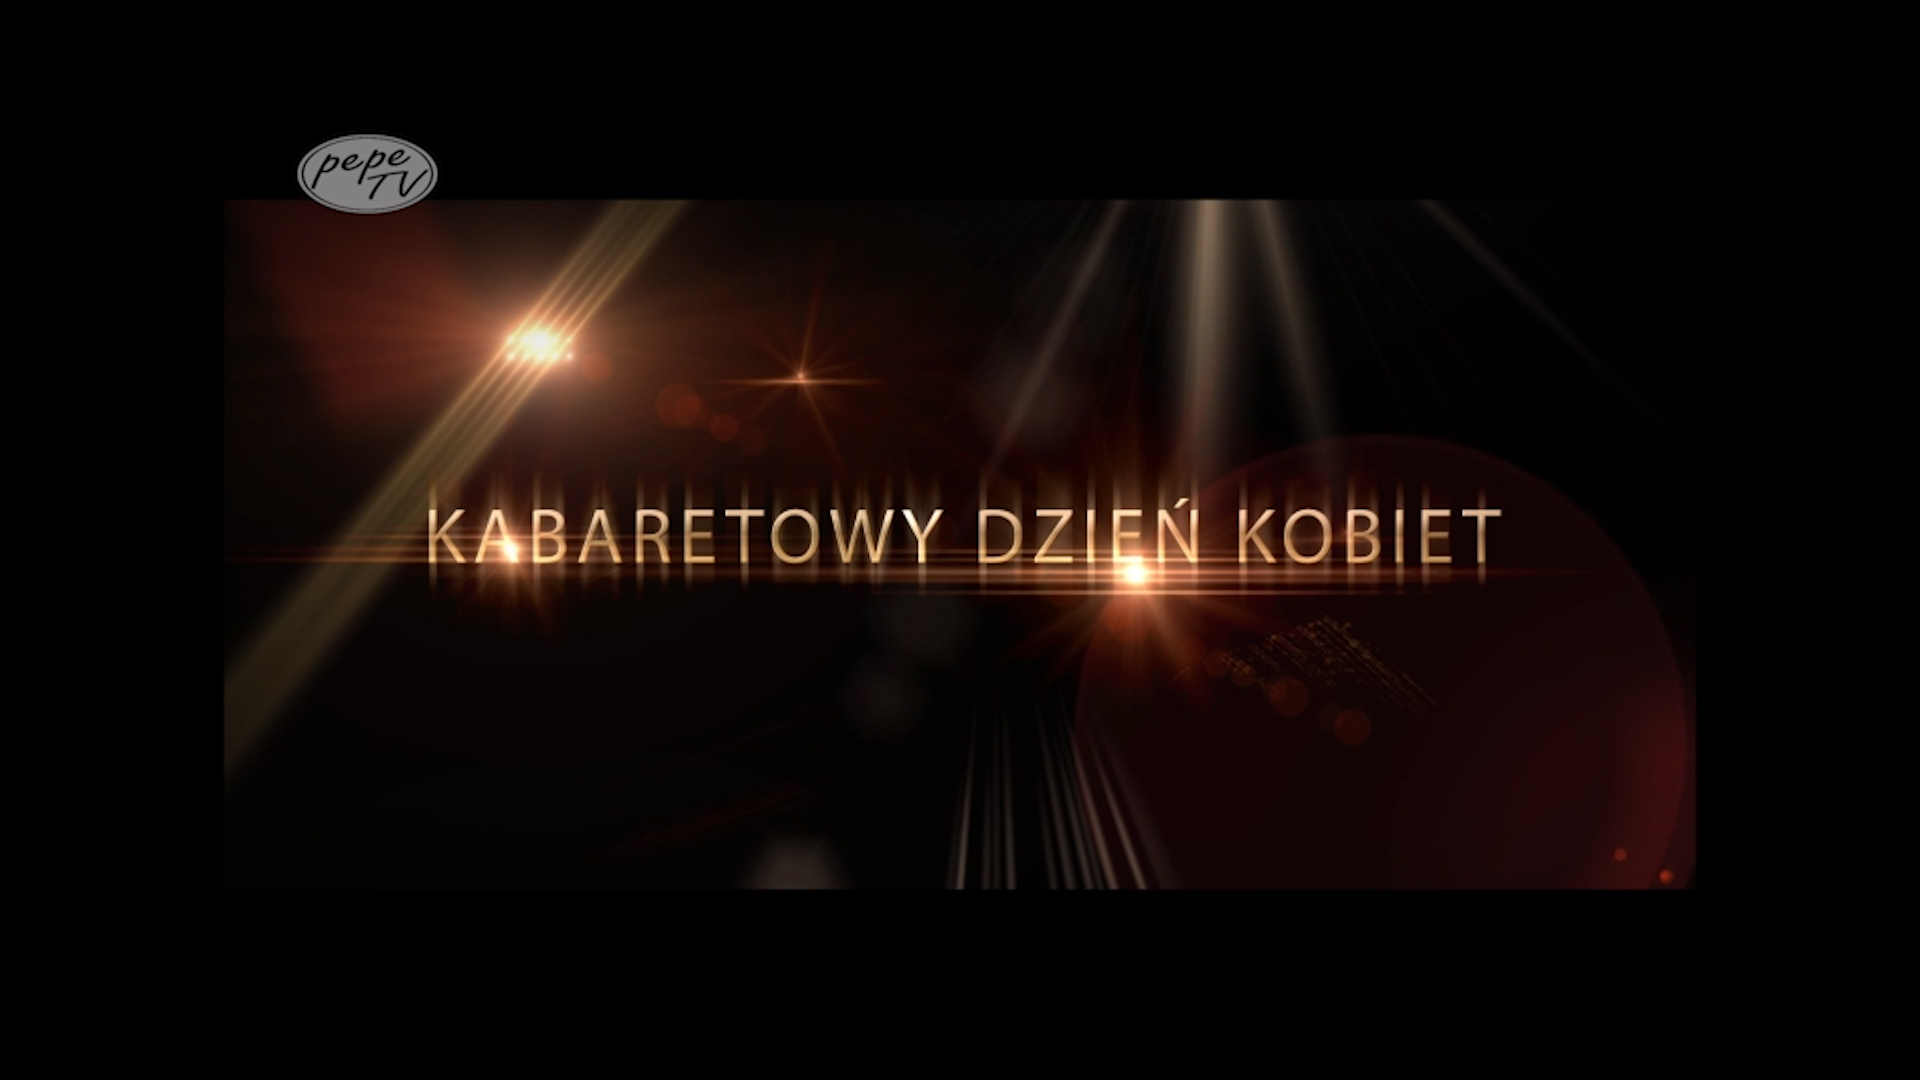 kabaret.f4v